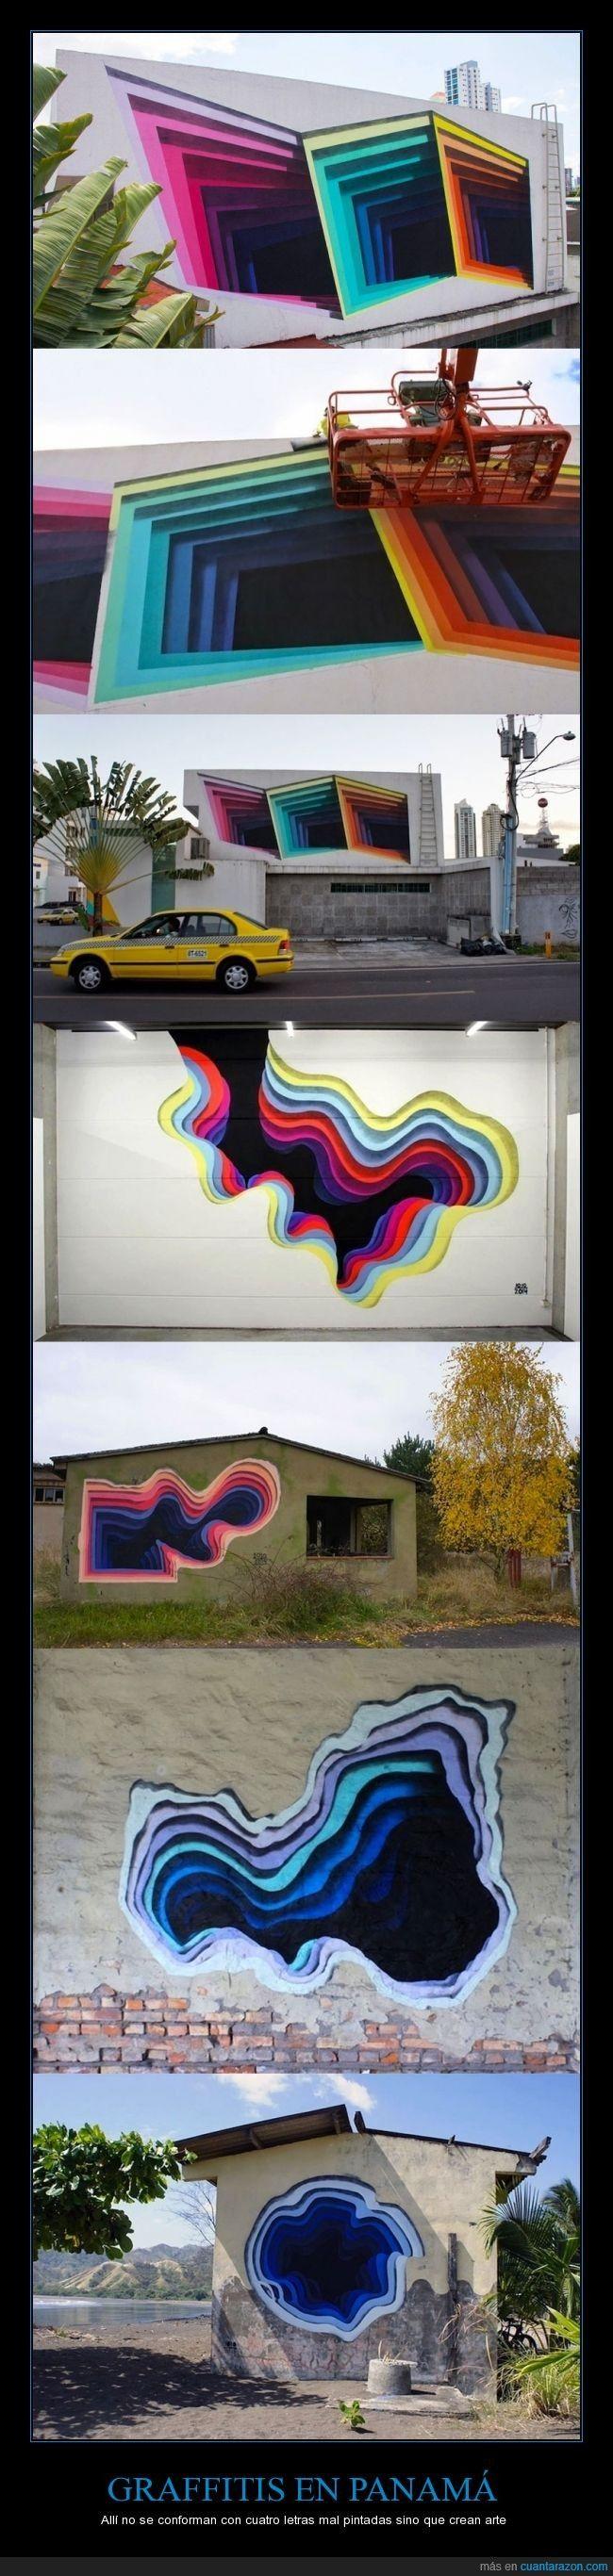 948556 - GRAFFITIS EN PANAMÁ http://stores.ebay.com/urban-art-designs?_trksid=p2047675.l2563